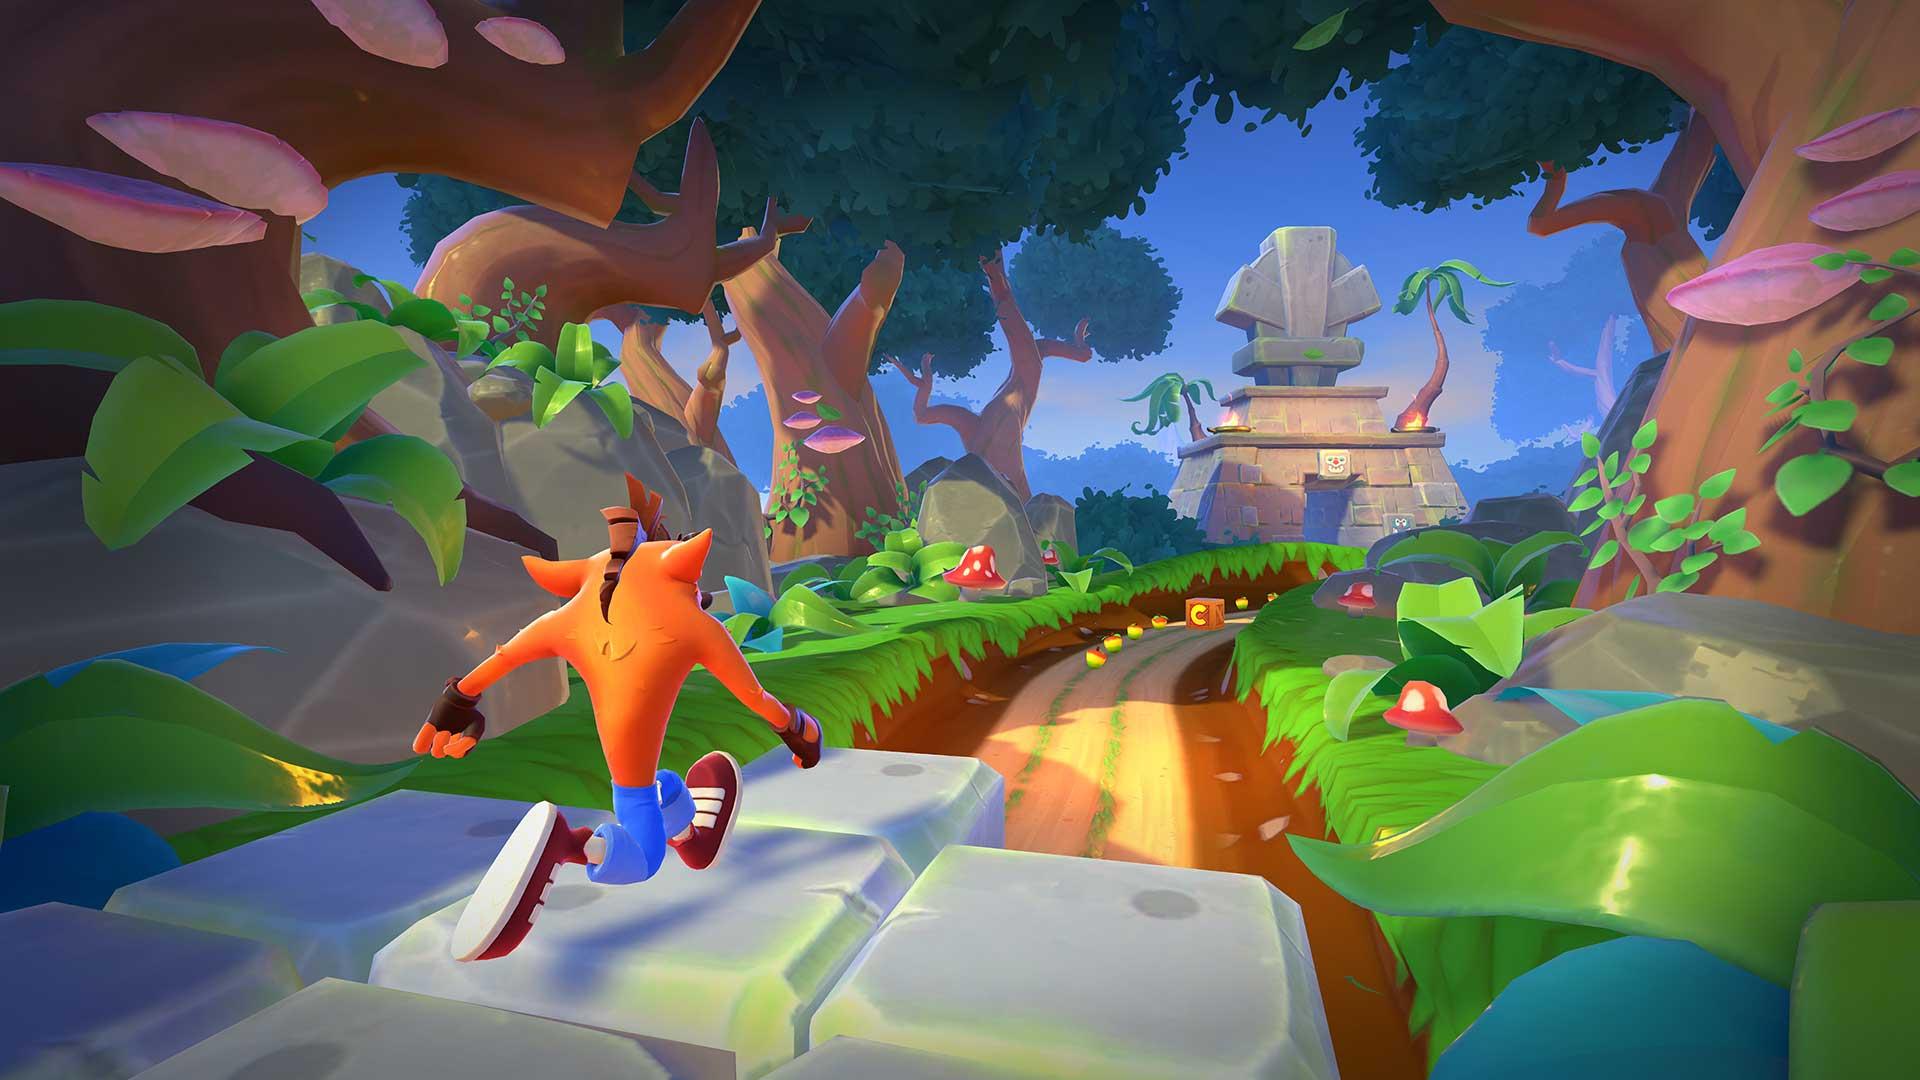 Crash Bandicoot: On the Run sairá em 25 de março para Android e iOS